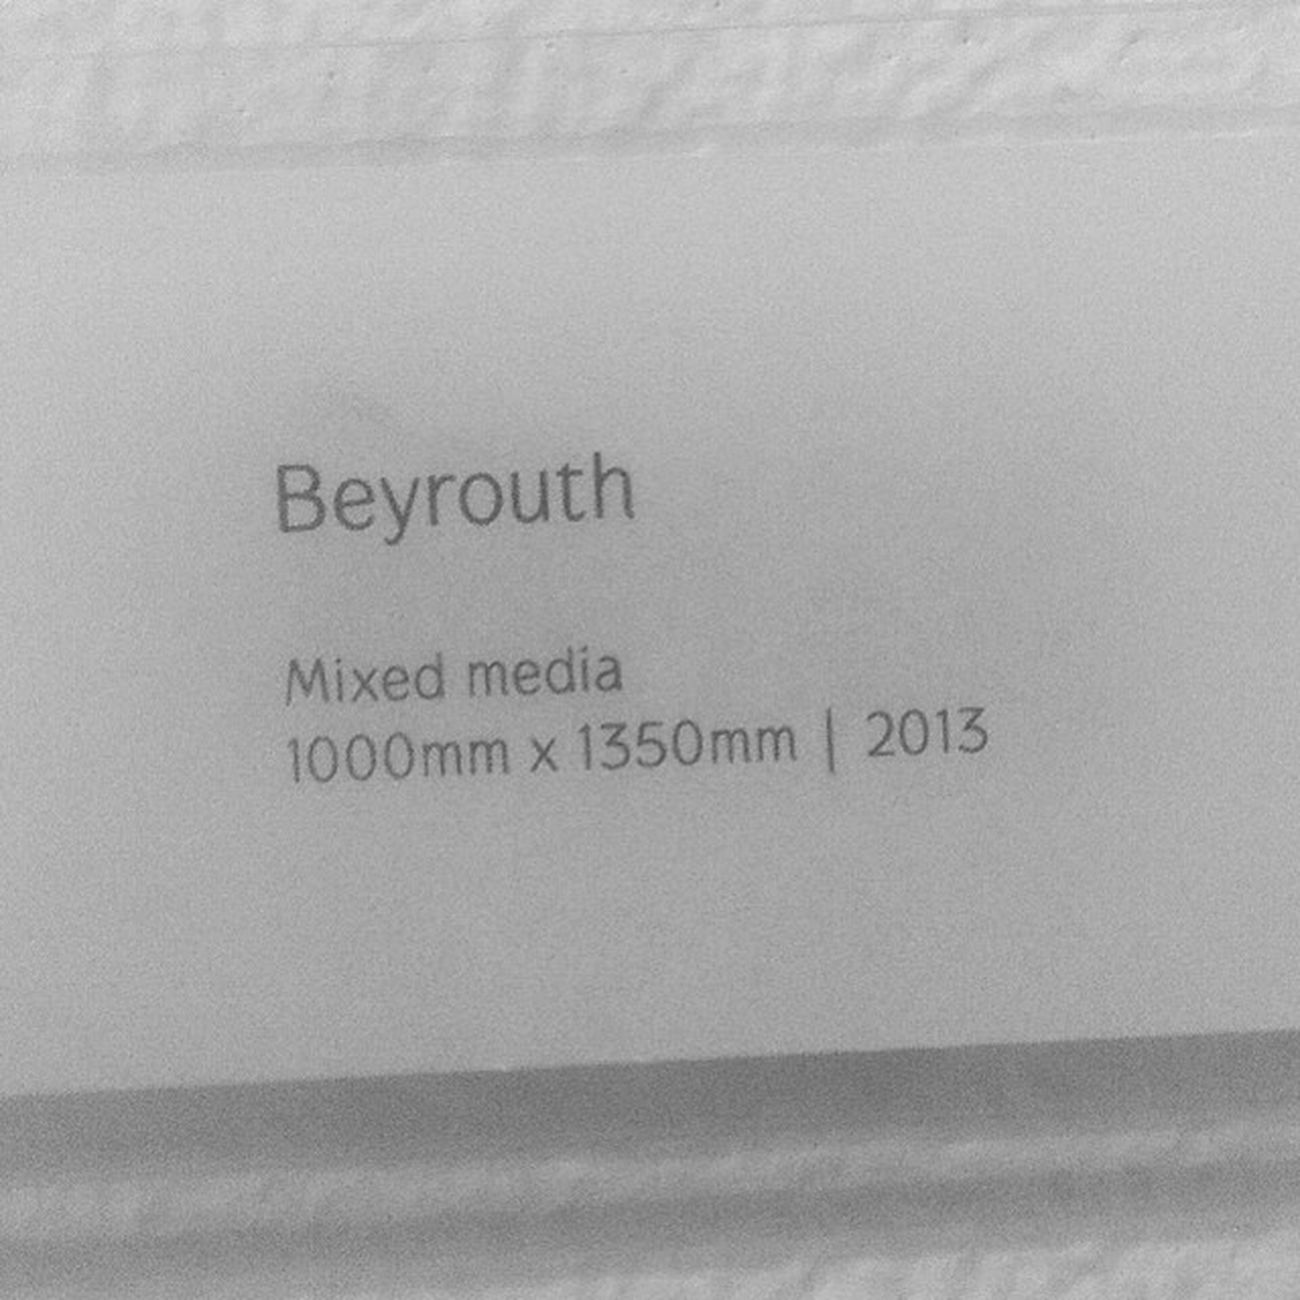 QUOZhappens Beyrouth Dubai Beirut MixedMedia